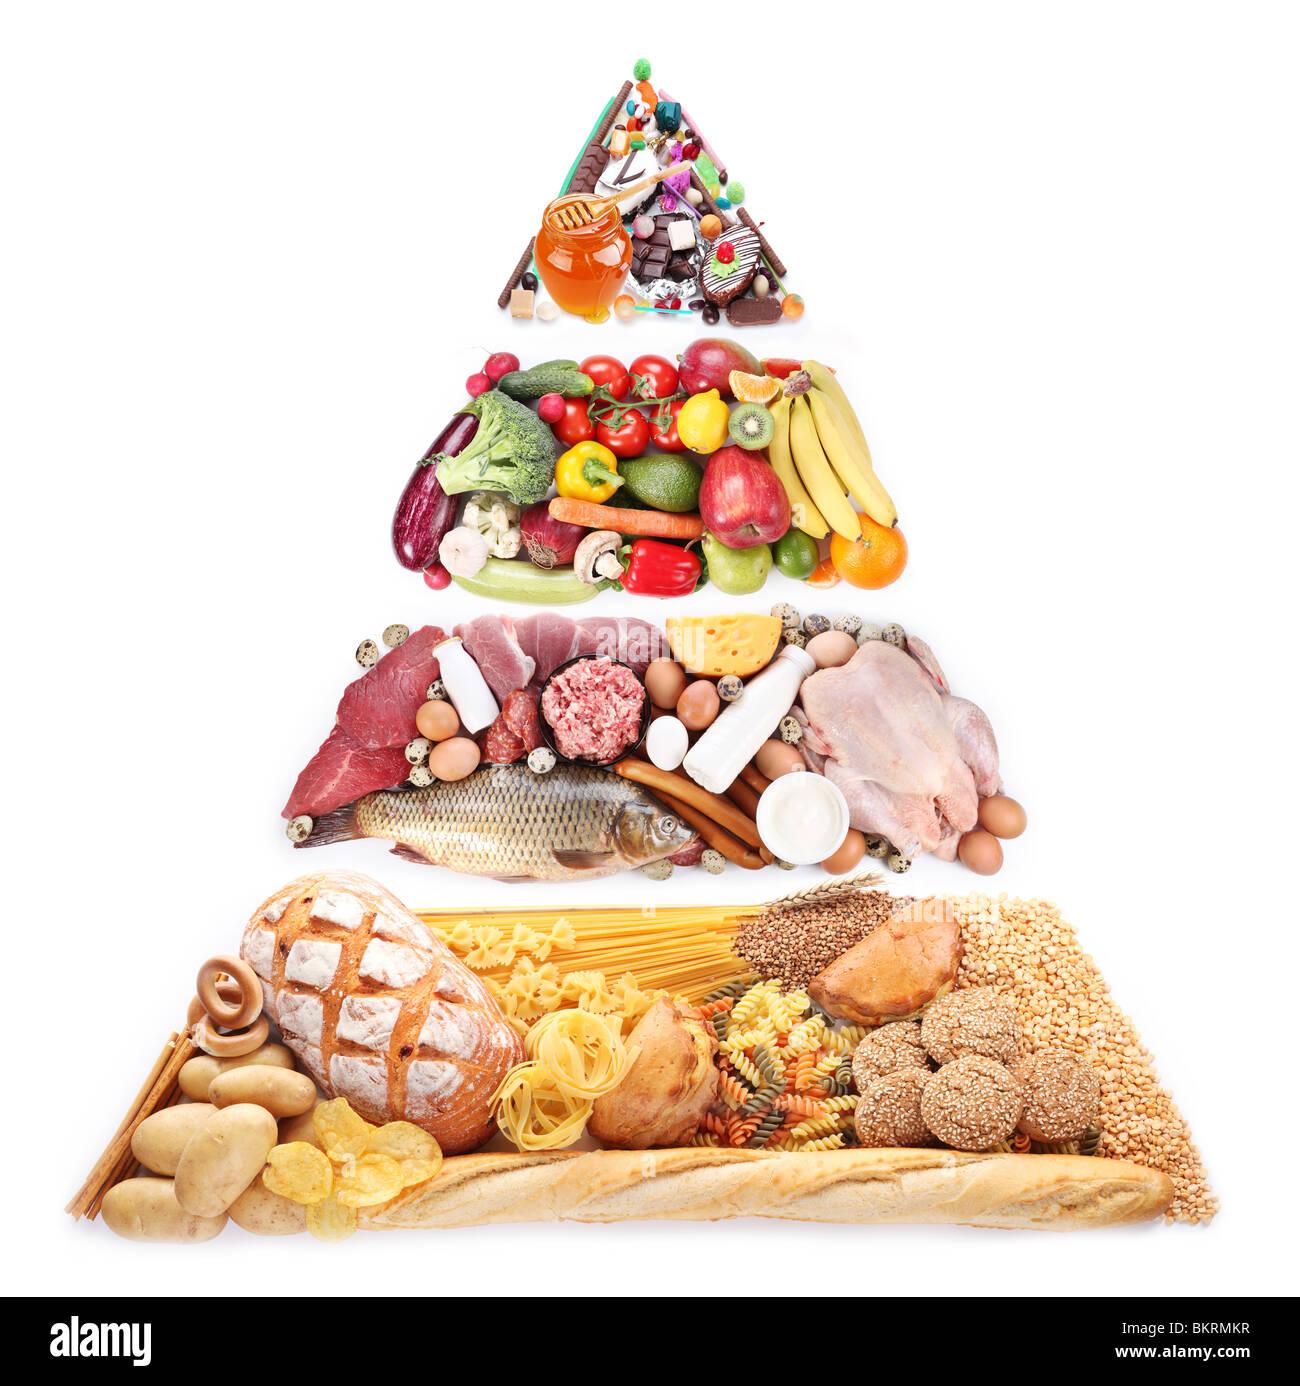 La piramide alimentare per una dieta equilibrata. Isolato su bianco Immagini Stock